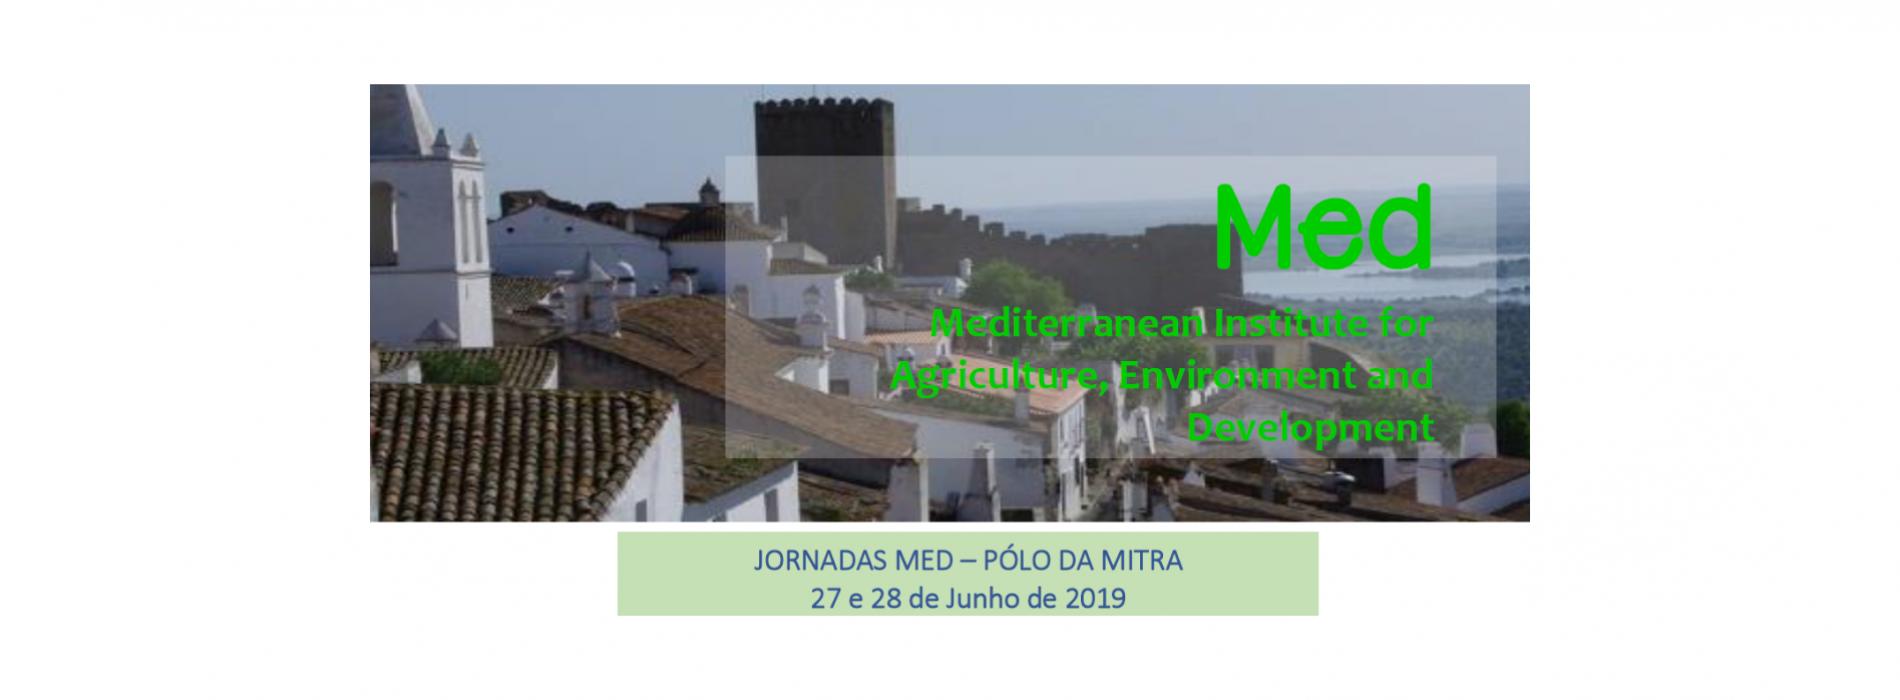 jornadas-med-1900x700_c